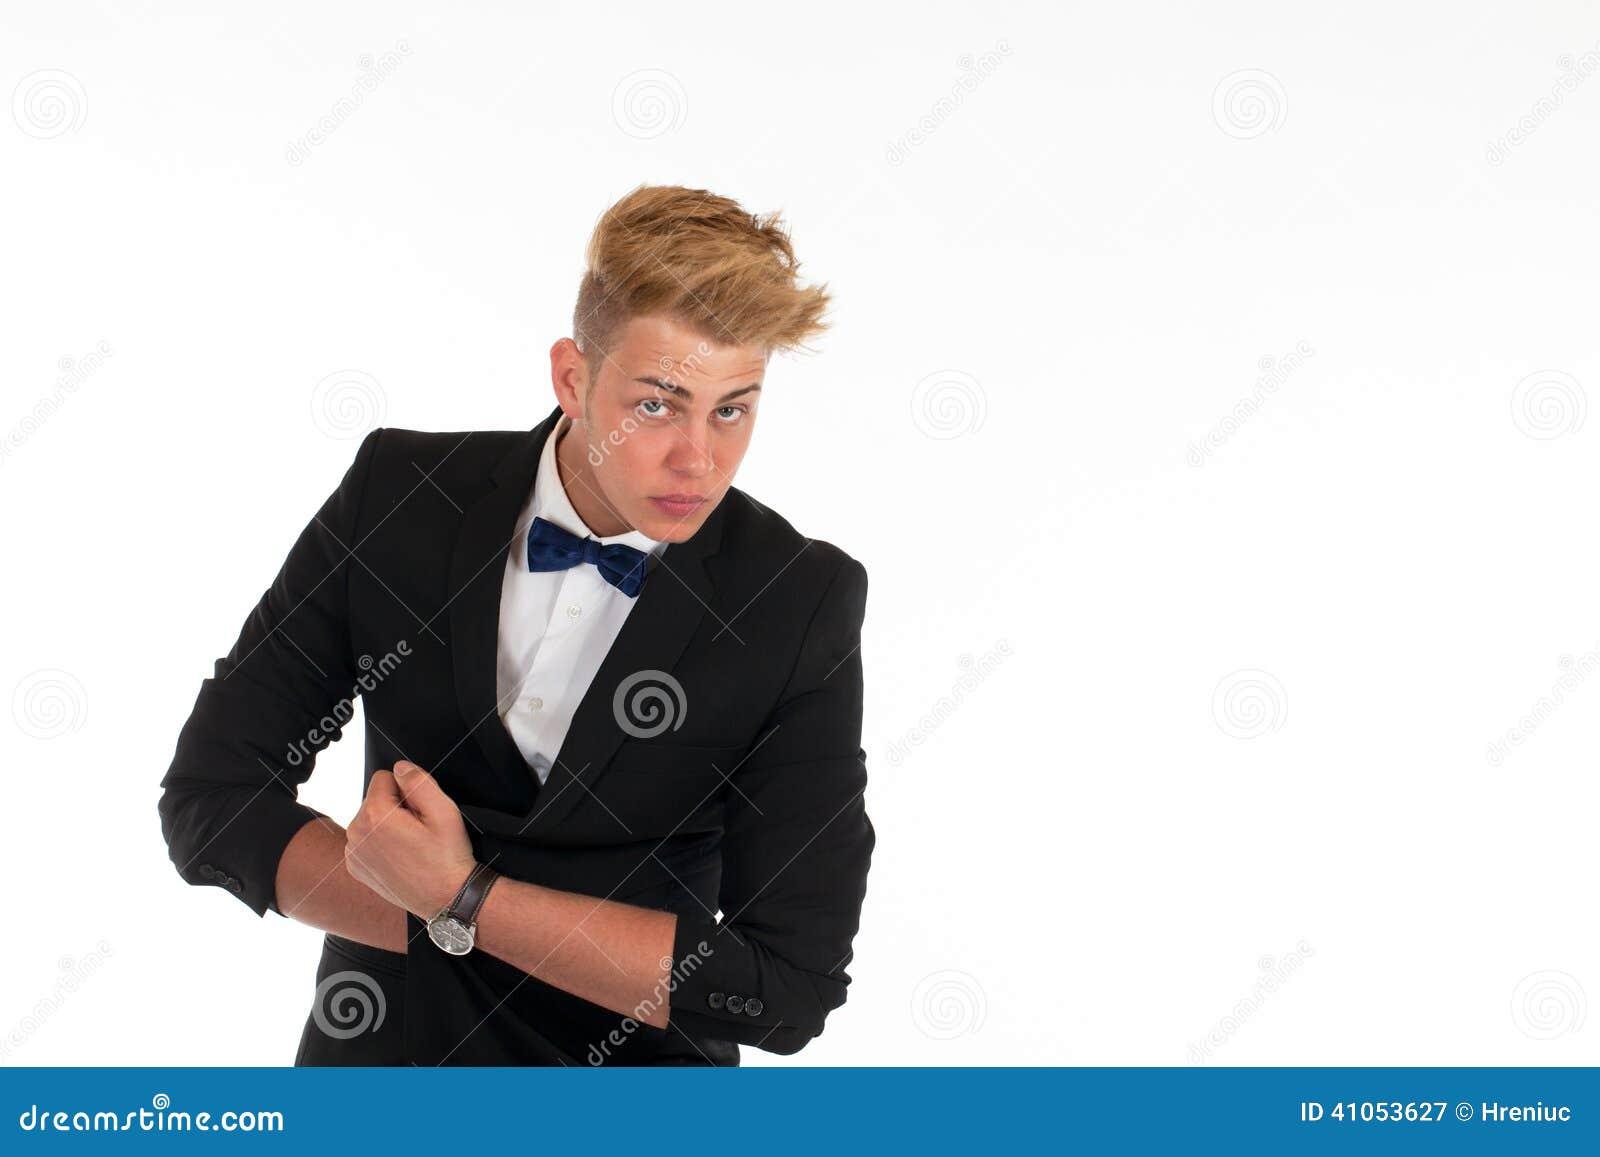 Beau Costume Homme se rapportant à portrait en gros plan d'un jeune homme beau dans un costume sur le